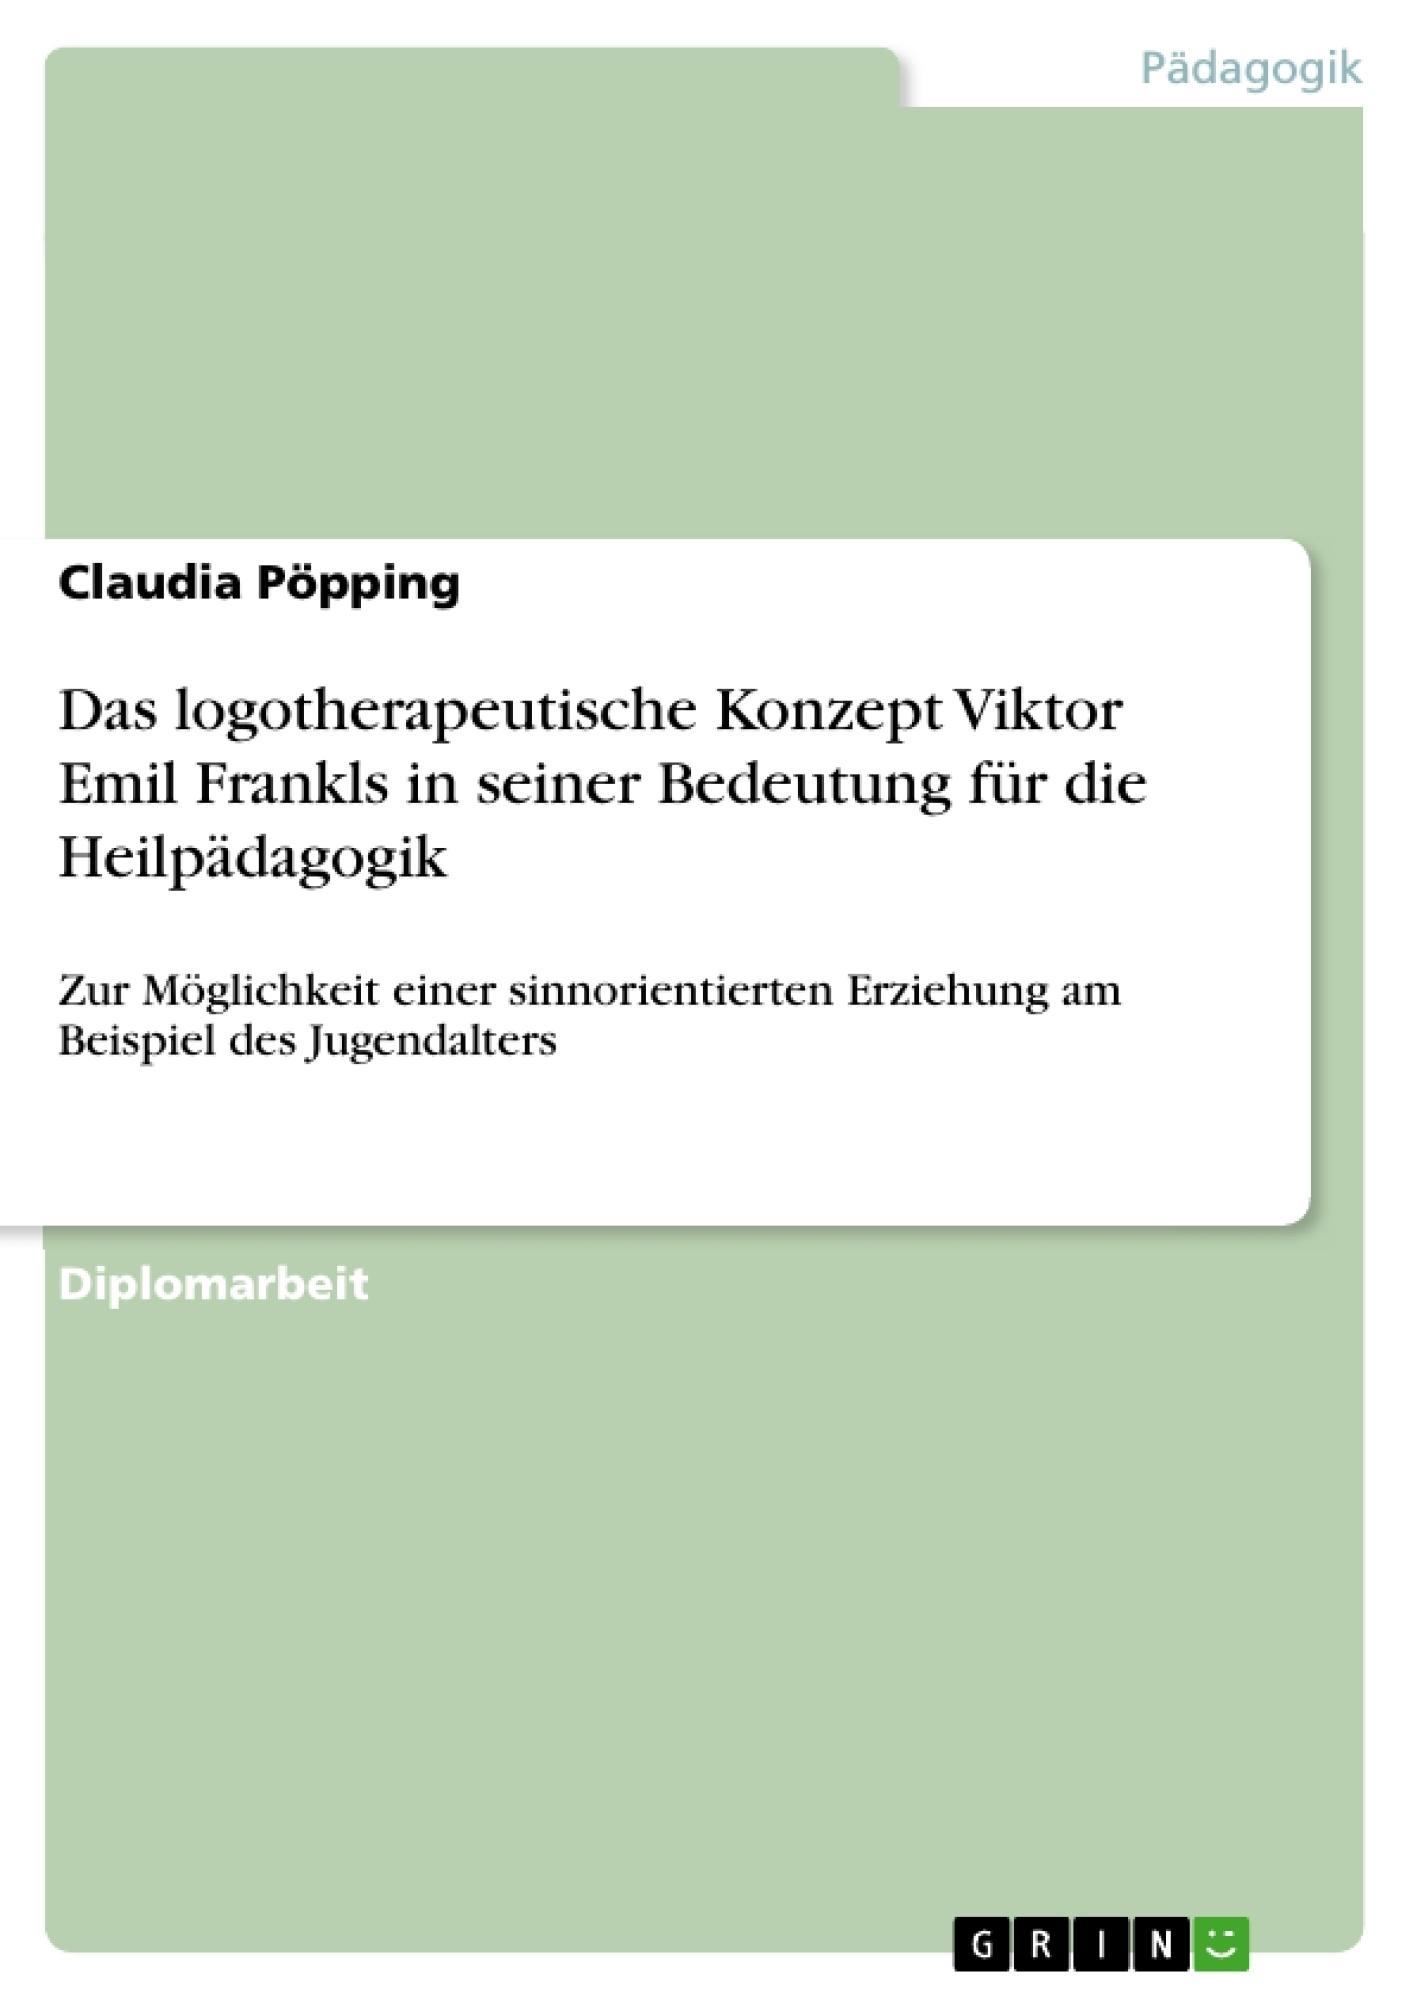 Titel: Das logotherapeutische Konzept Viktor Emil Frankls in seiner Bedeutung für die Heilpädagogik